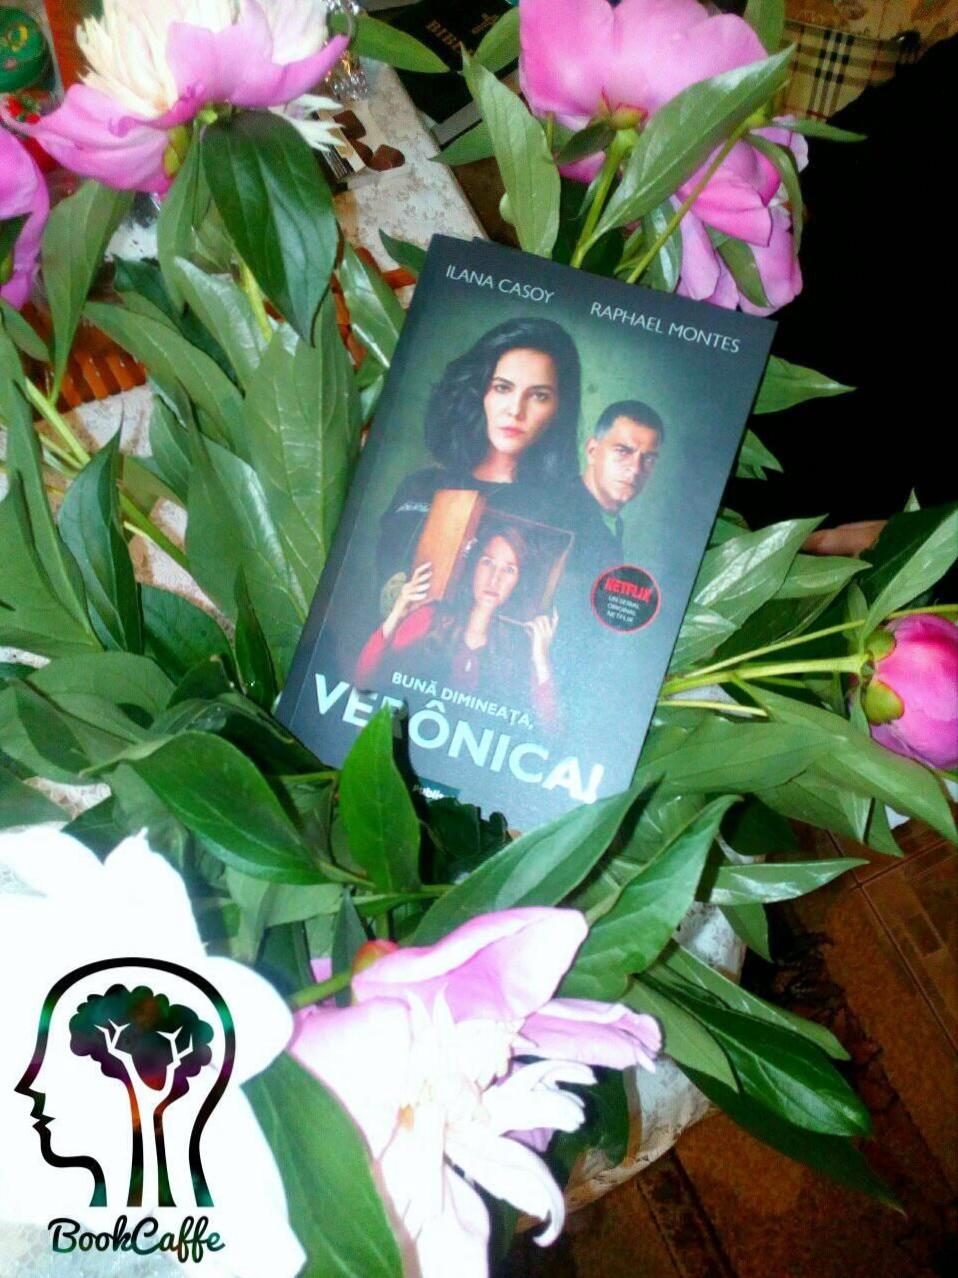 Bună dimineața, Verônica!, Ilana Casoy&Raphael Montes